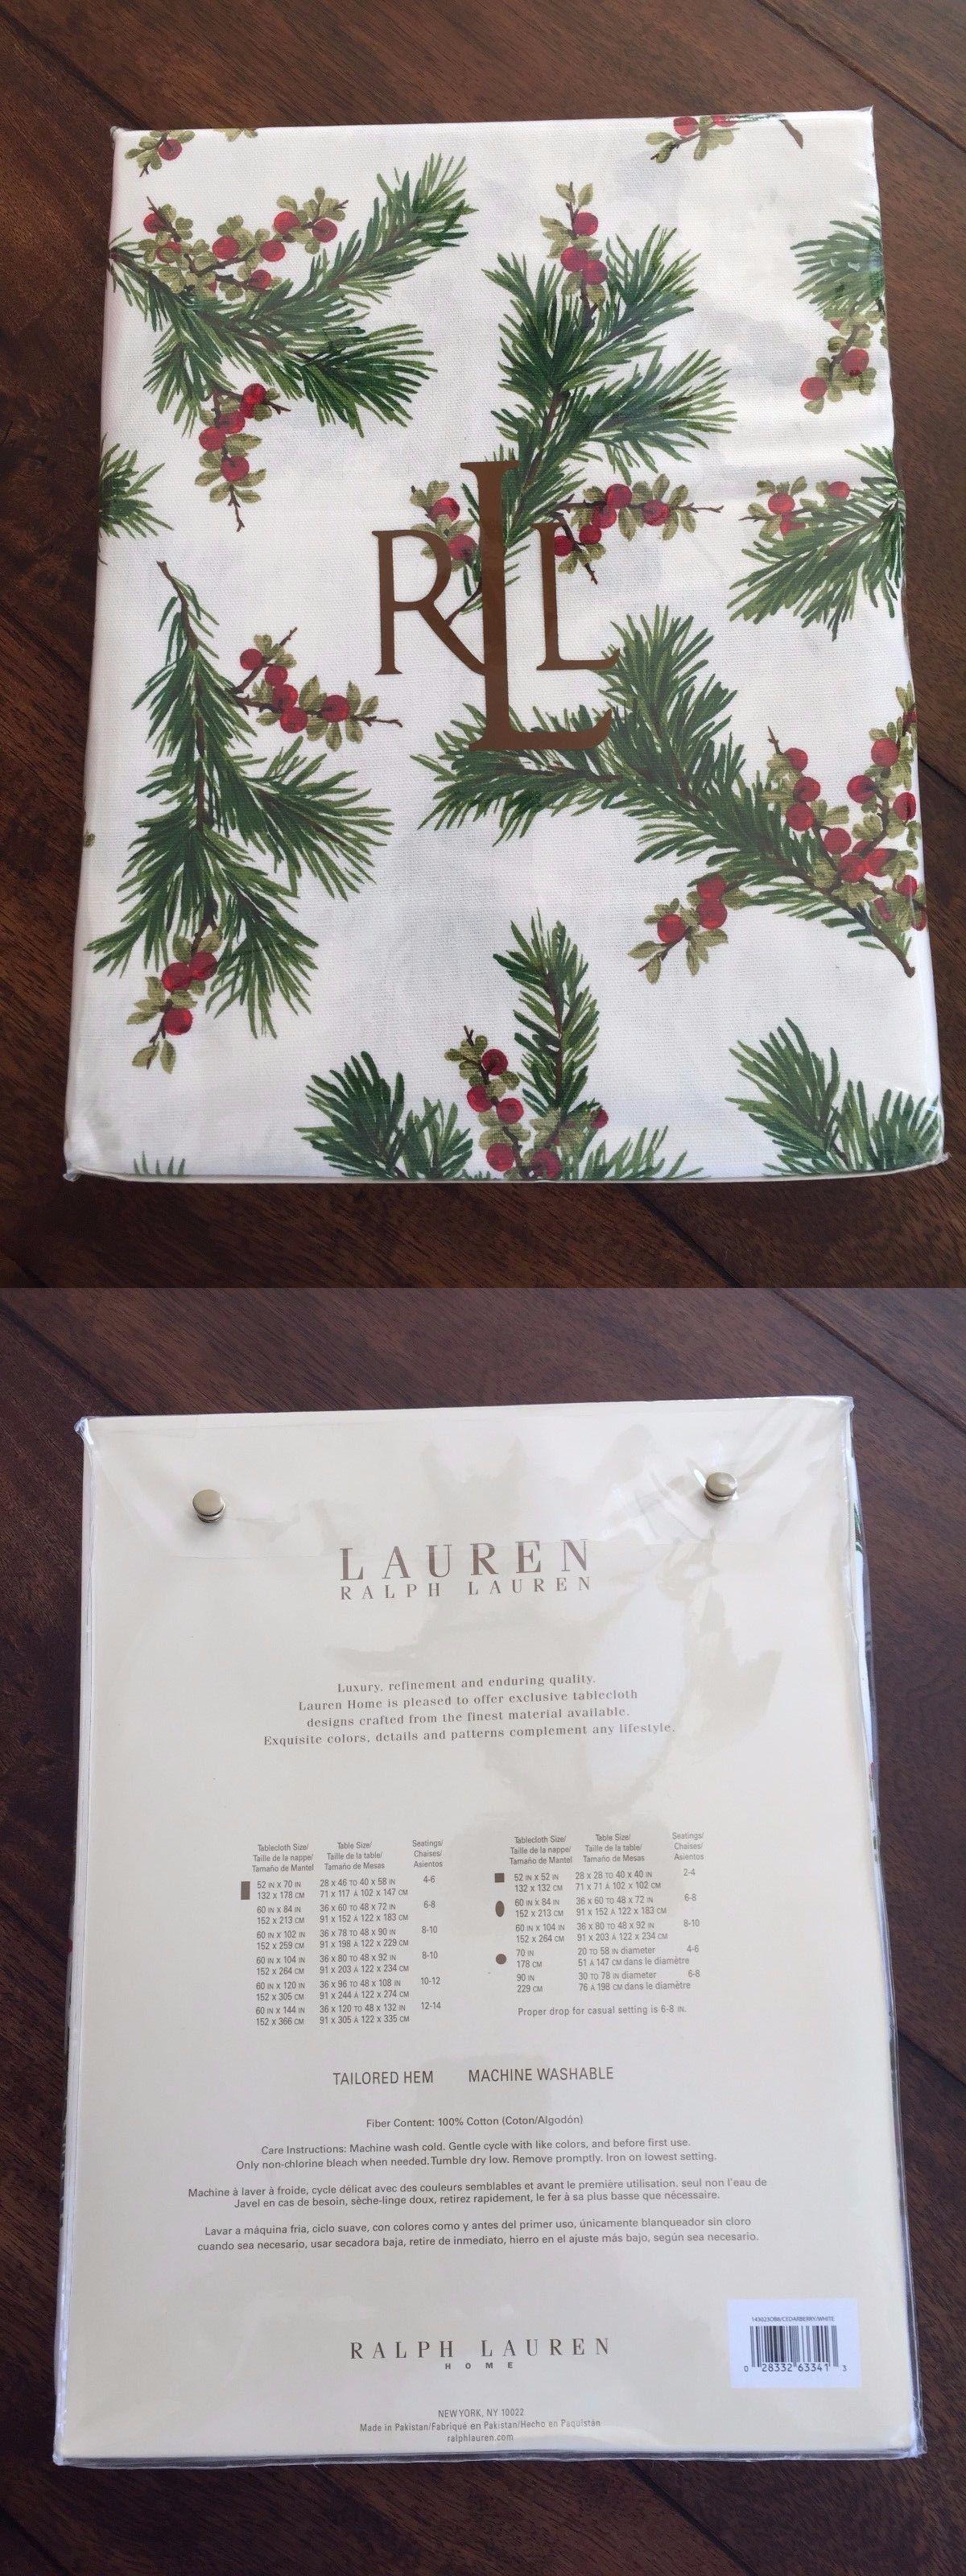 Good Ralph Lauren Table Linens Part - 12: Table Linen Sets 71238: Ralph Lauren Cedarberry Red White Green Tablecloth  60 X 84 Seats